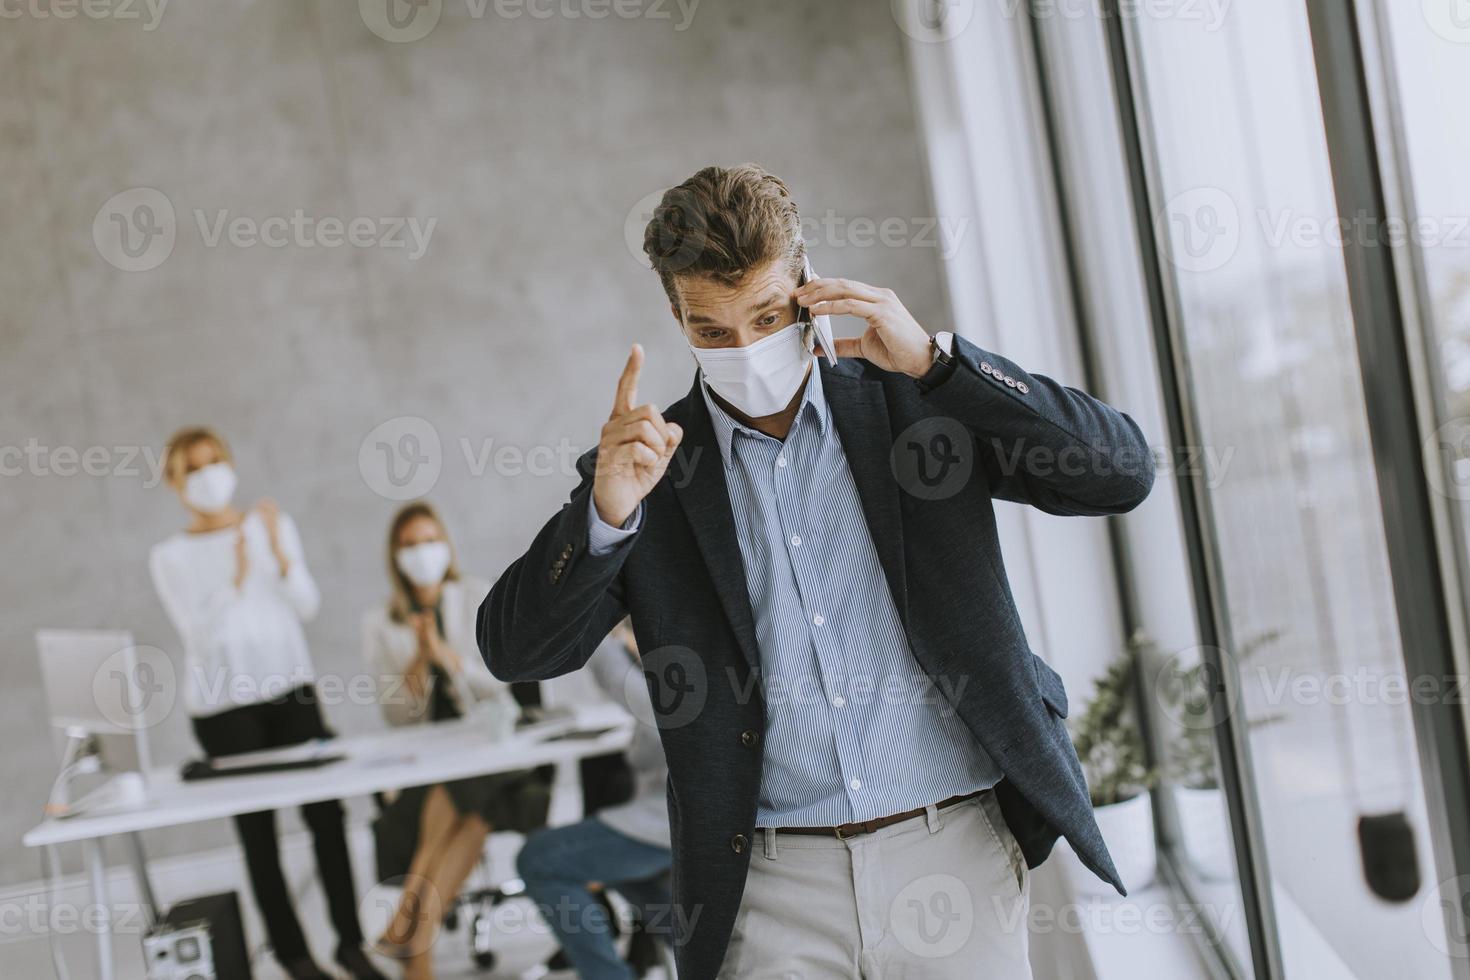 homme occupé au téléphone portant un masque photo